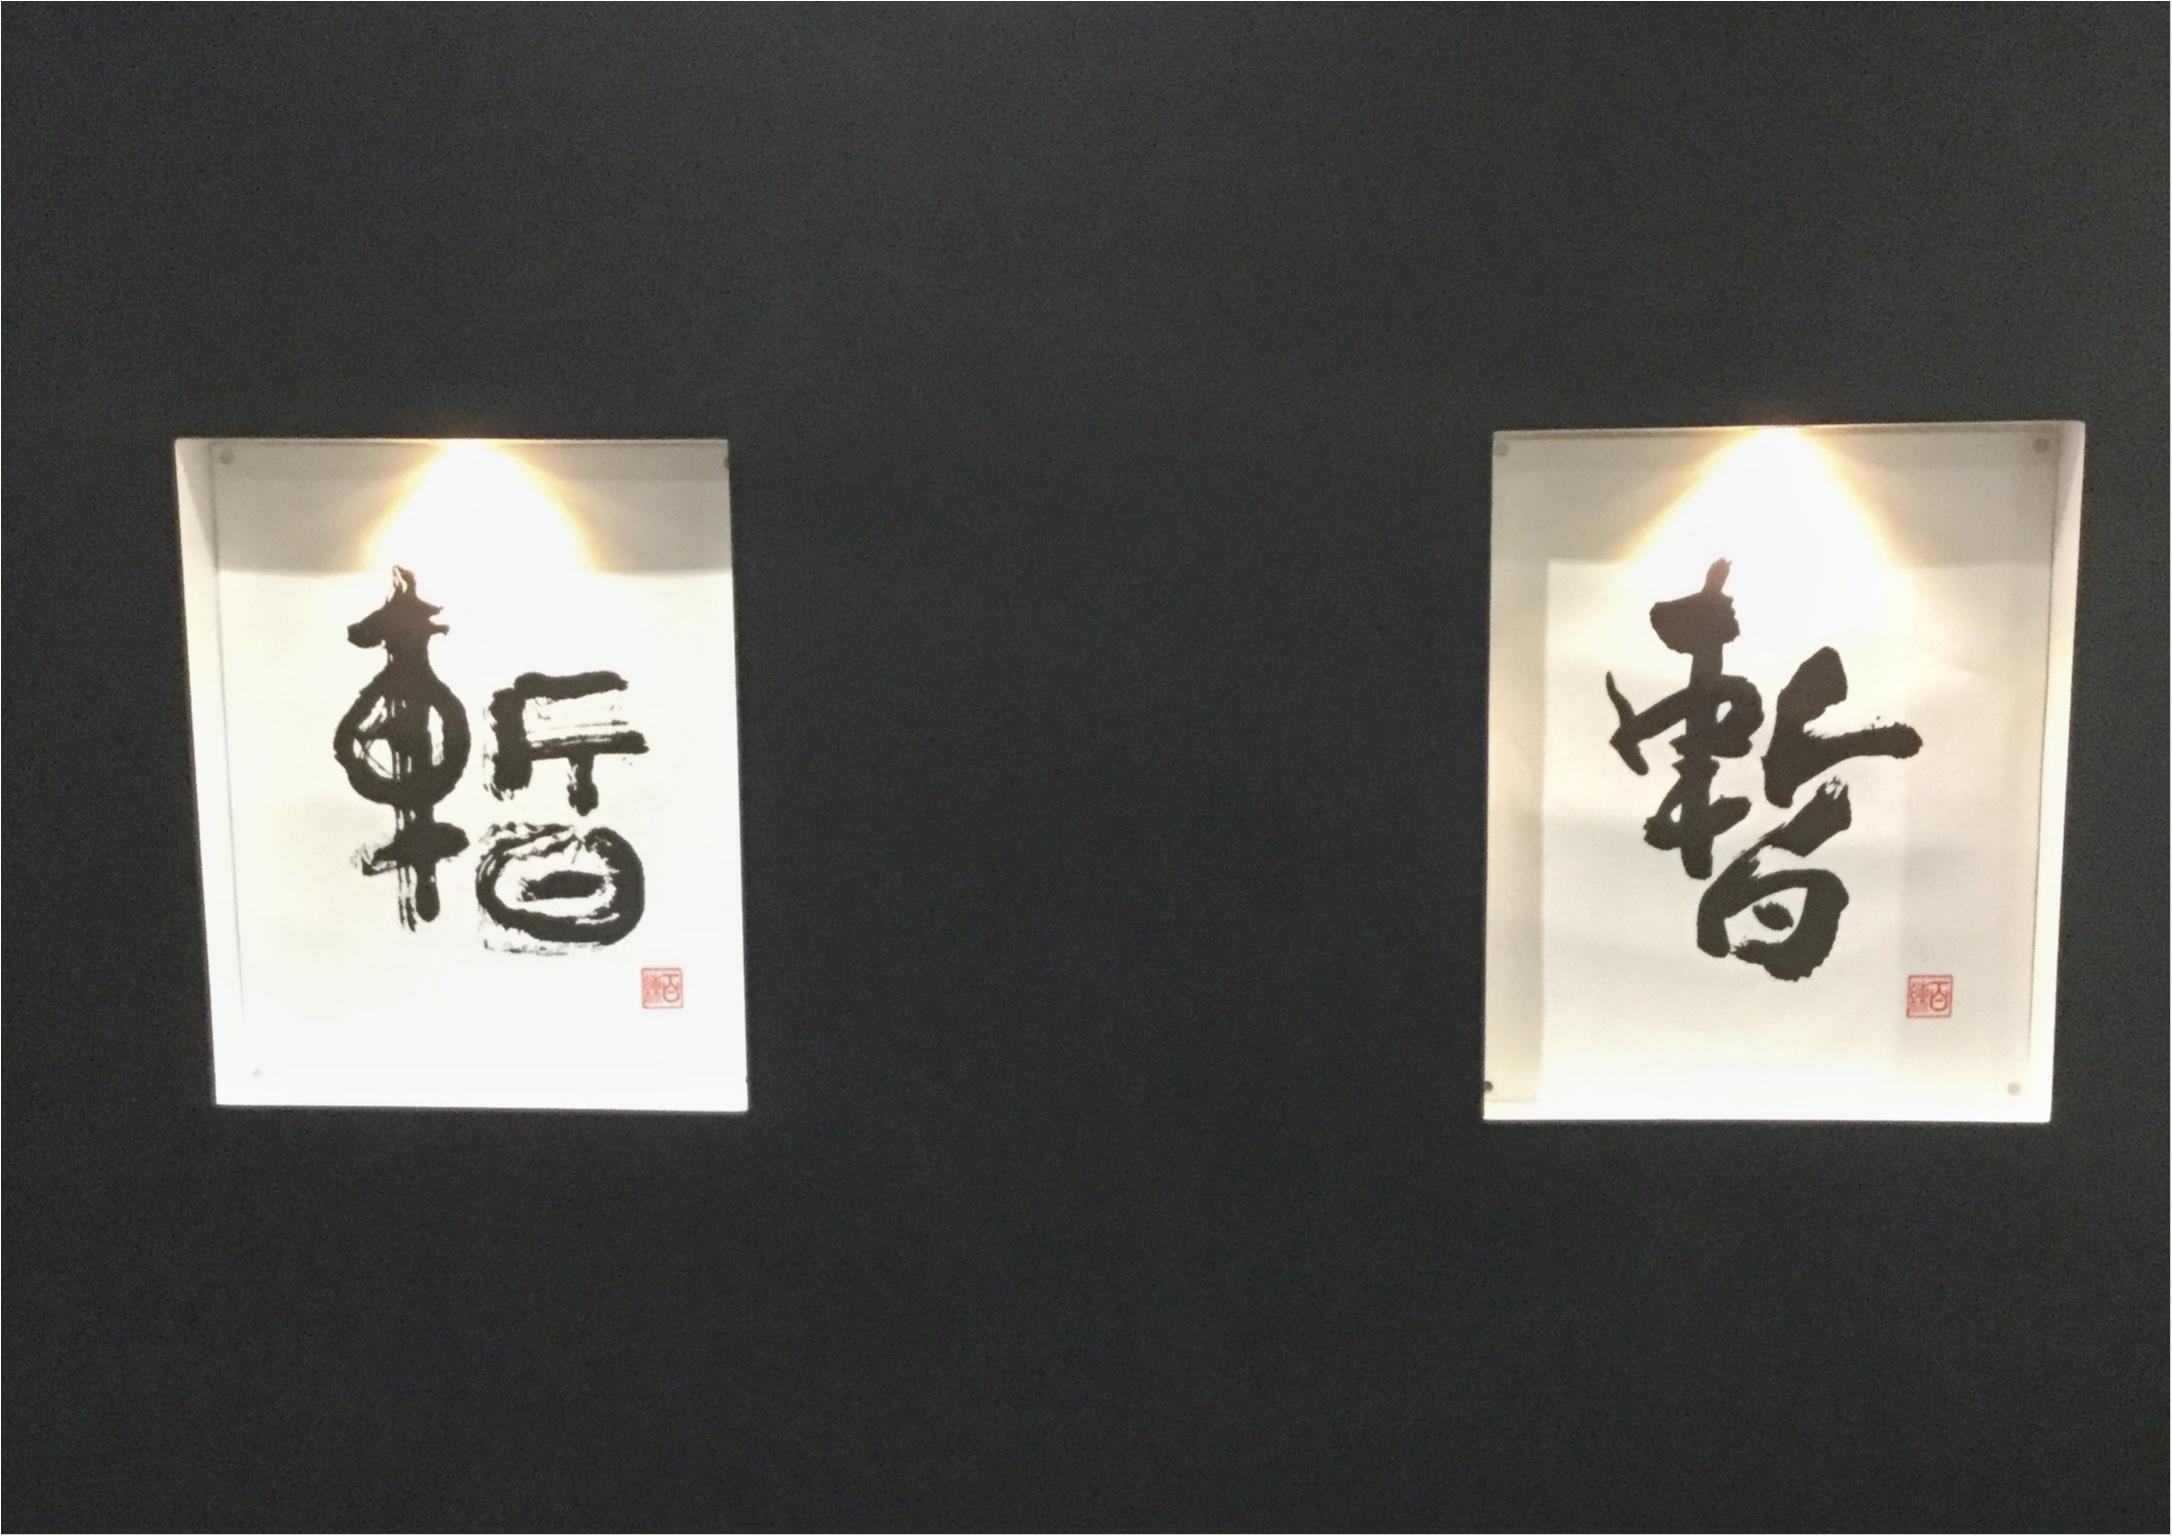 【デート&記念日にオススメ!】広島牛A5ステーキがリーズナブルな価格で食べれる隠れ家レストラン『暫(しばらく)』_6